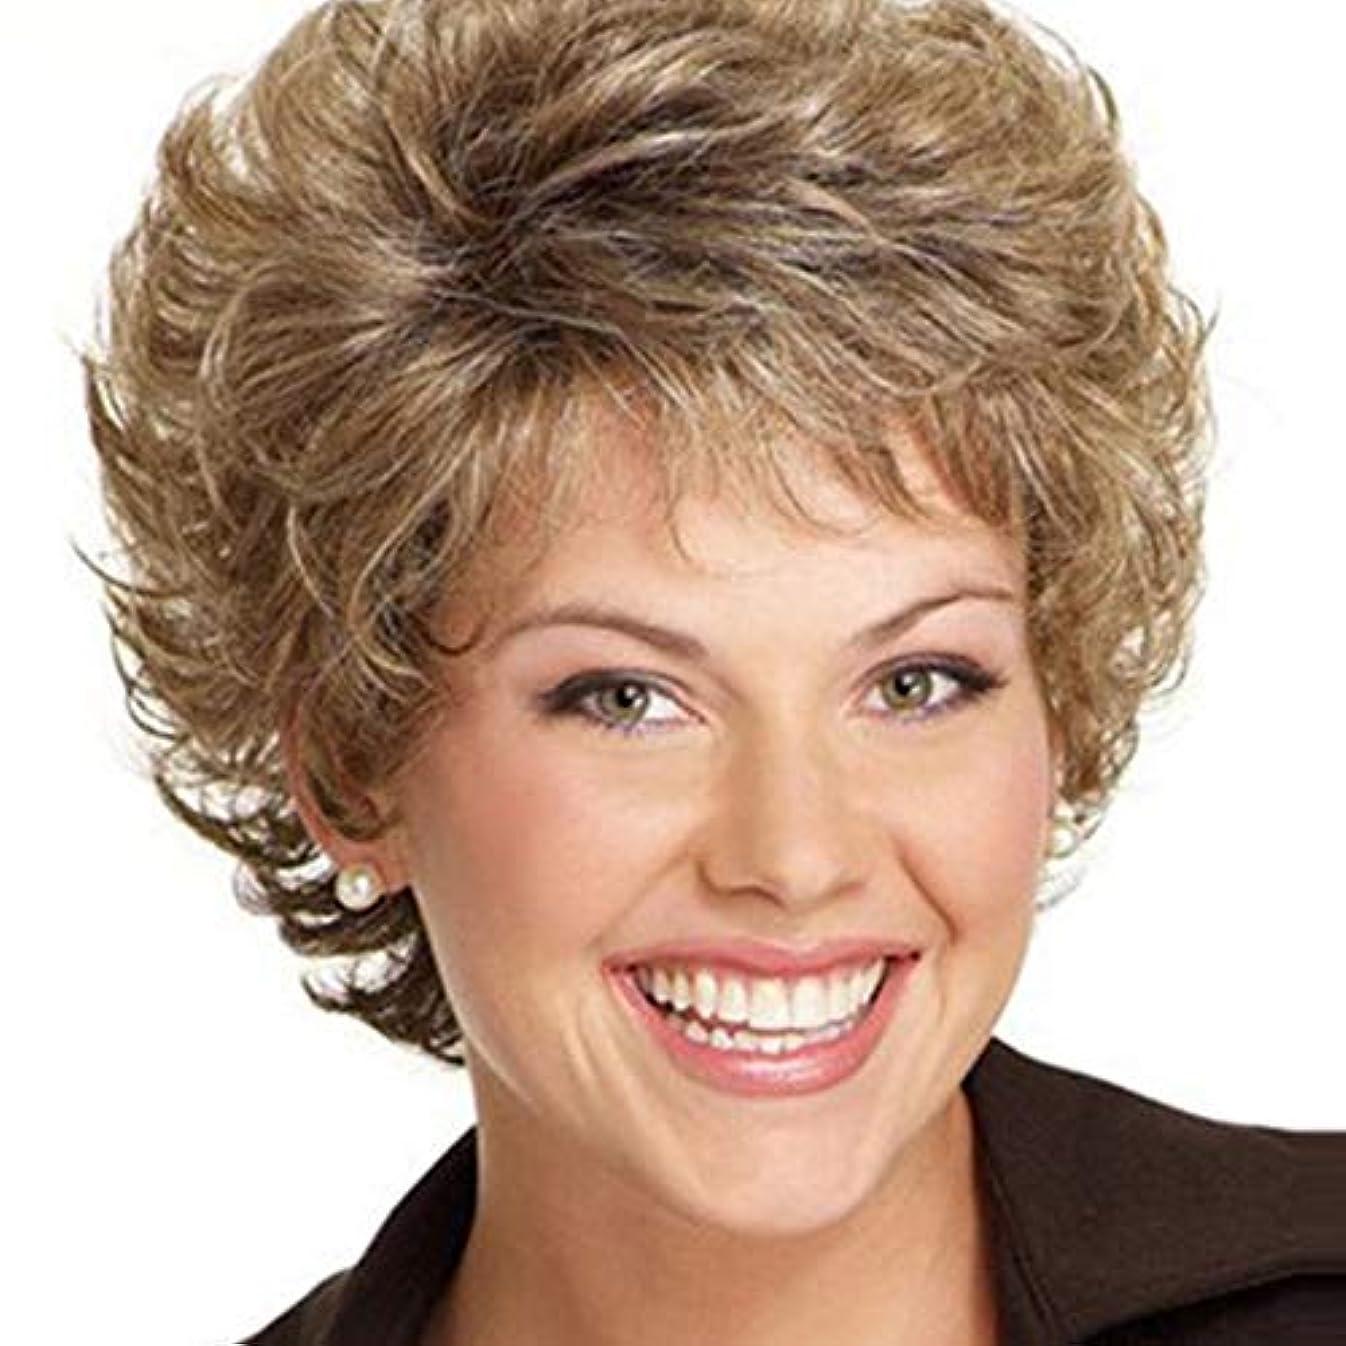 罪抗生物質予備WASAIO 女性のショートカーリーウィッグ合成ショートカーリーブロンドウィッグ (色 : Blonde)